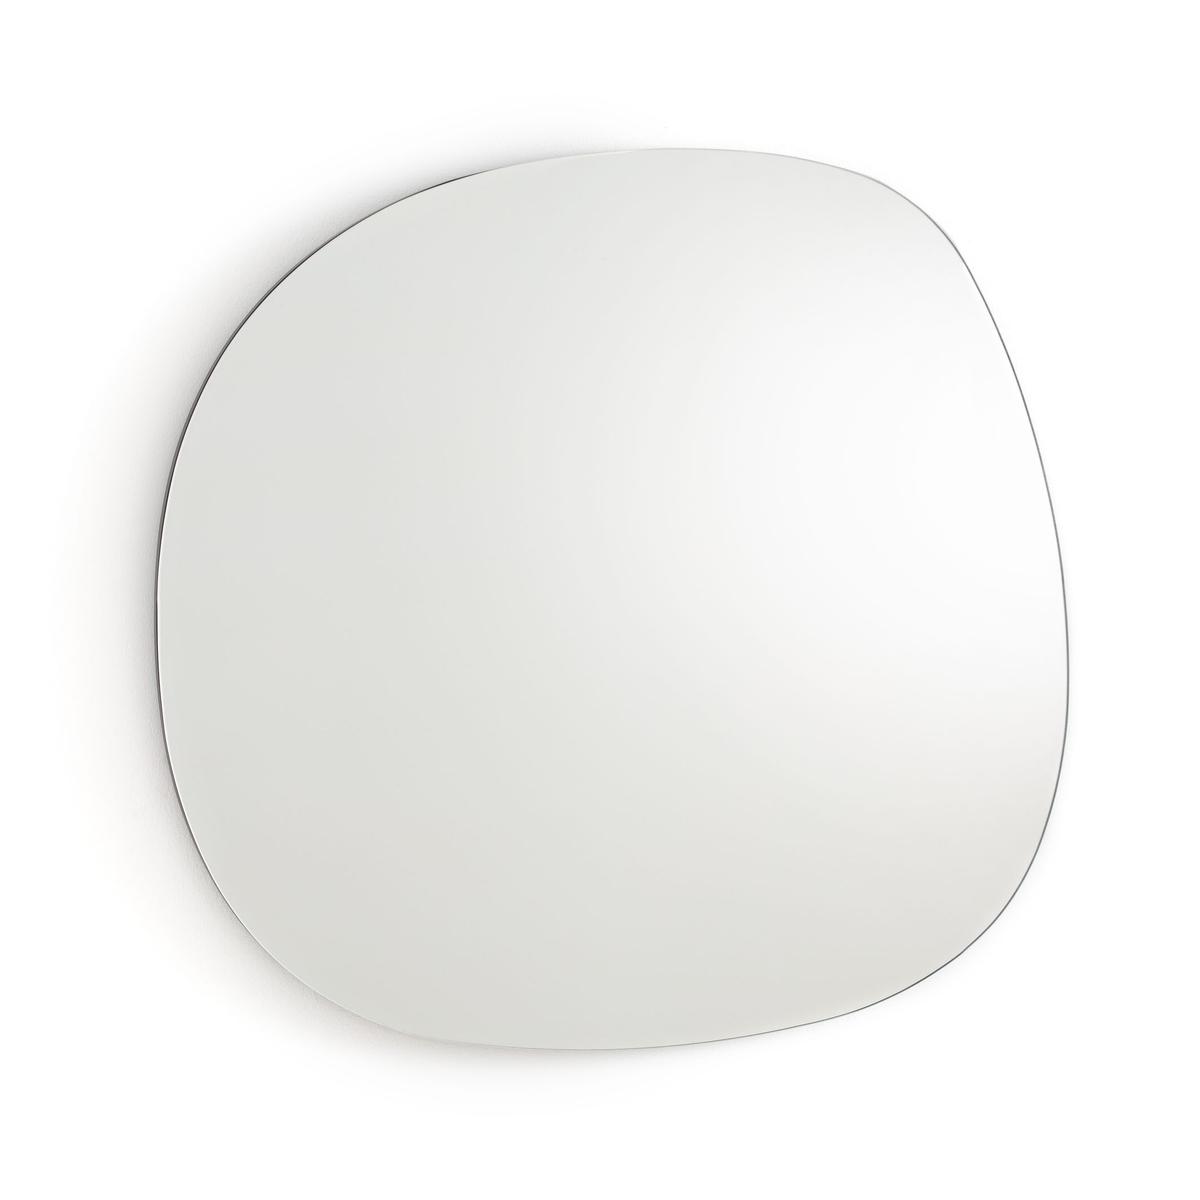 Зеркало La Redoute Размер M Biface единый размер другие зеркало la redoute прямоугольное большой размер д x в см barbier единый размер другие